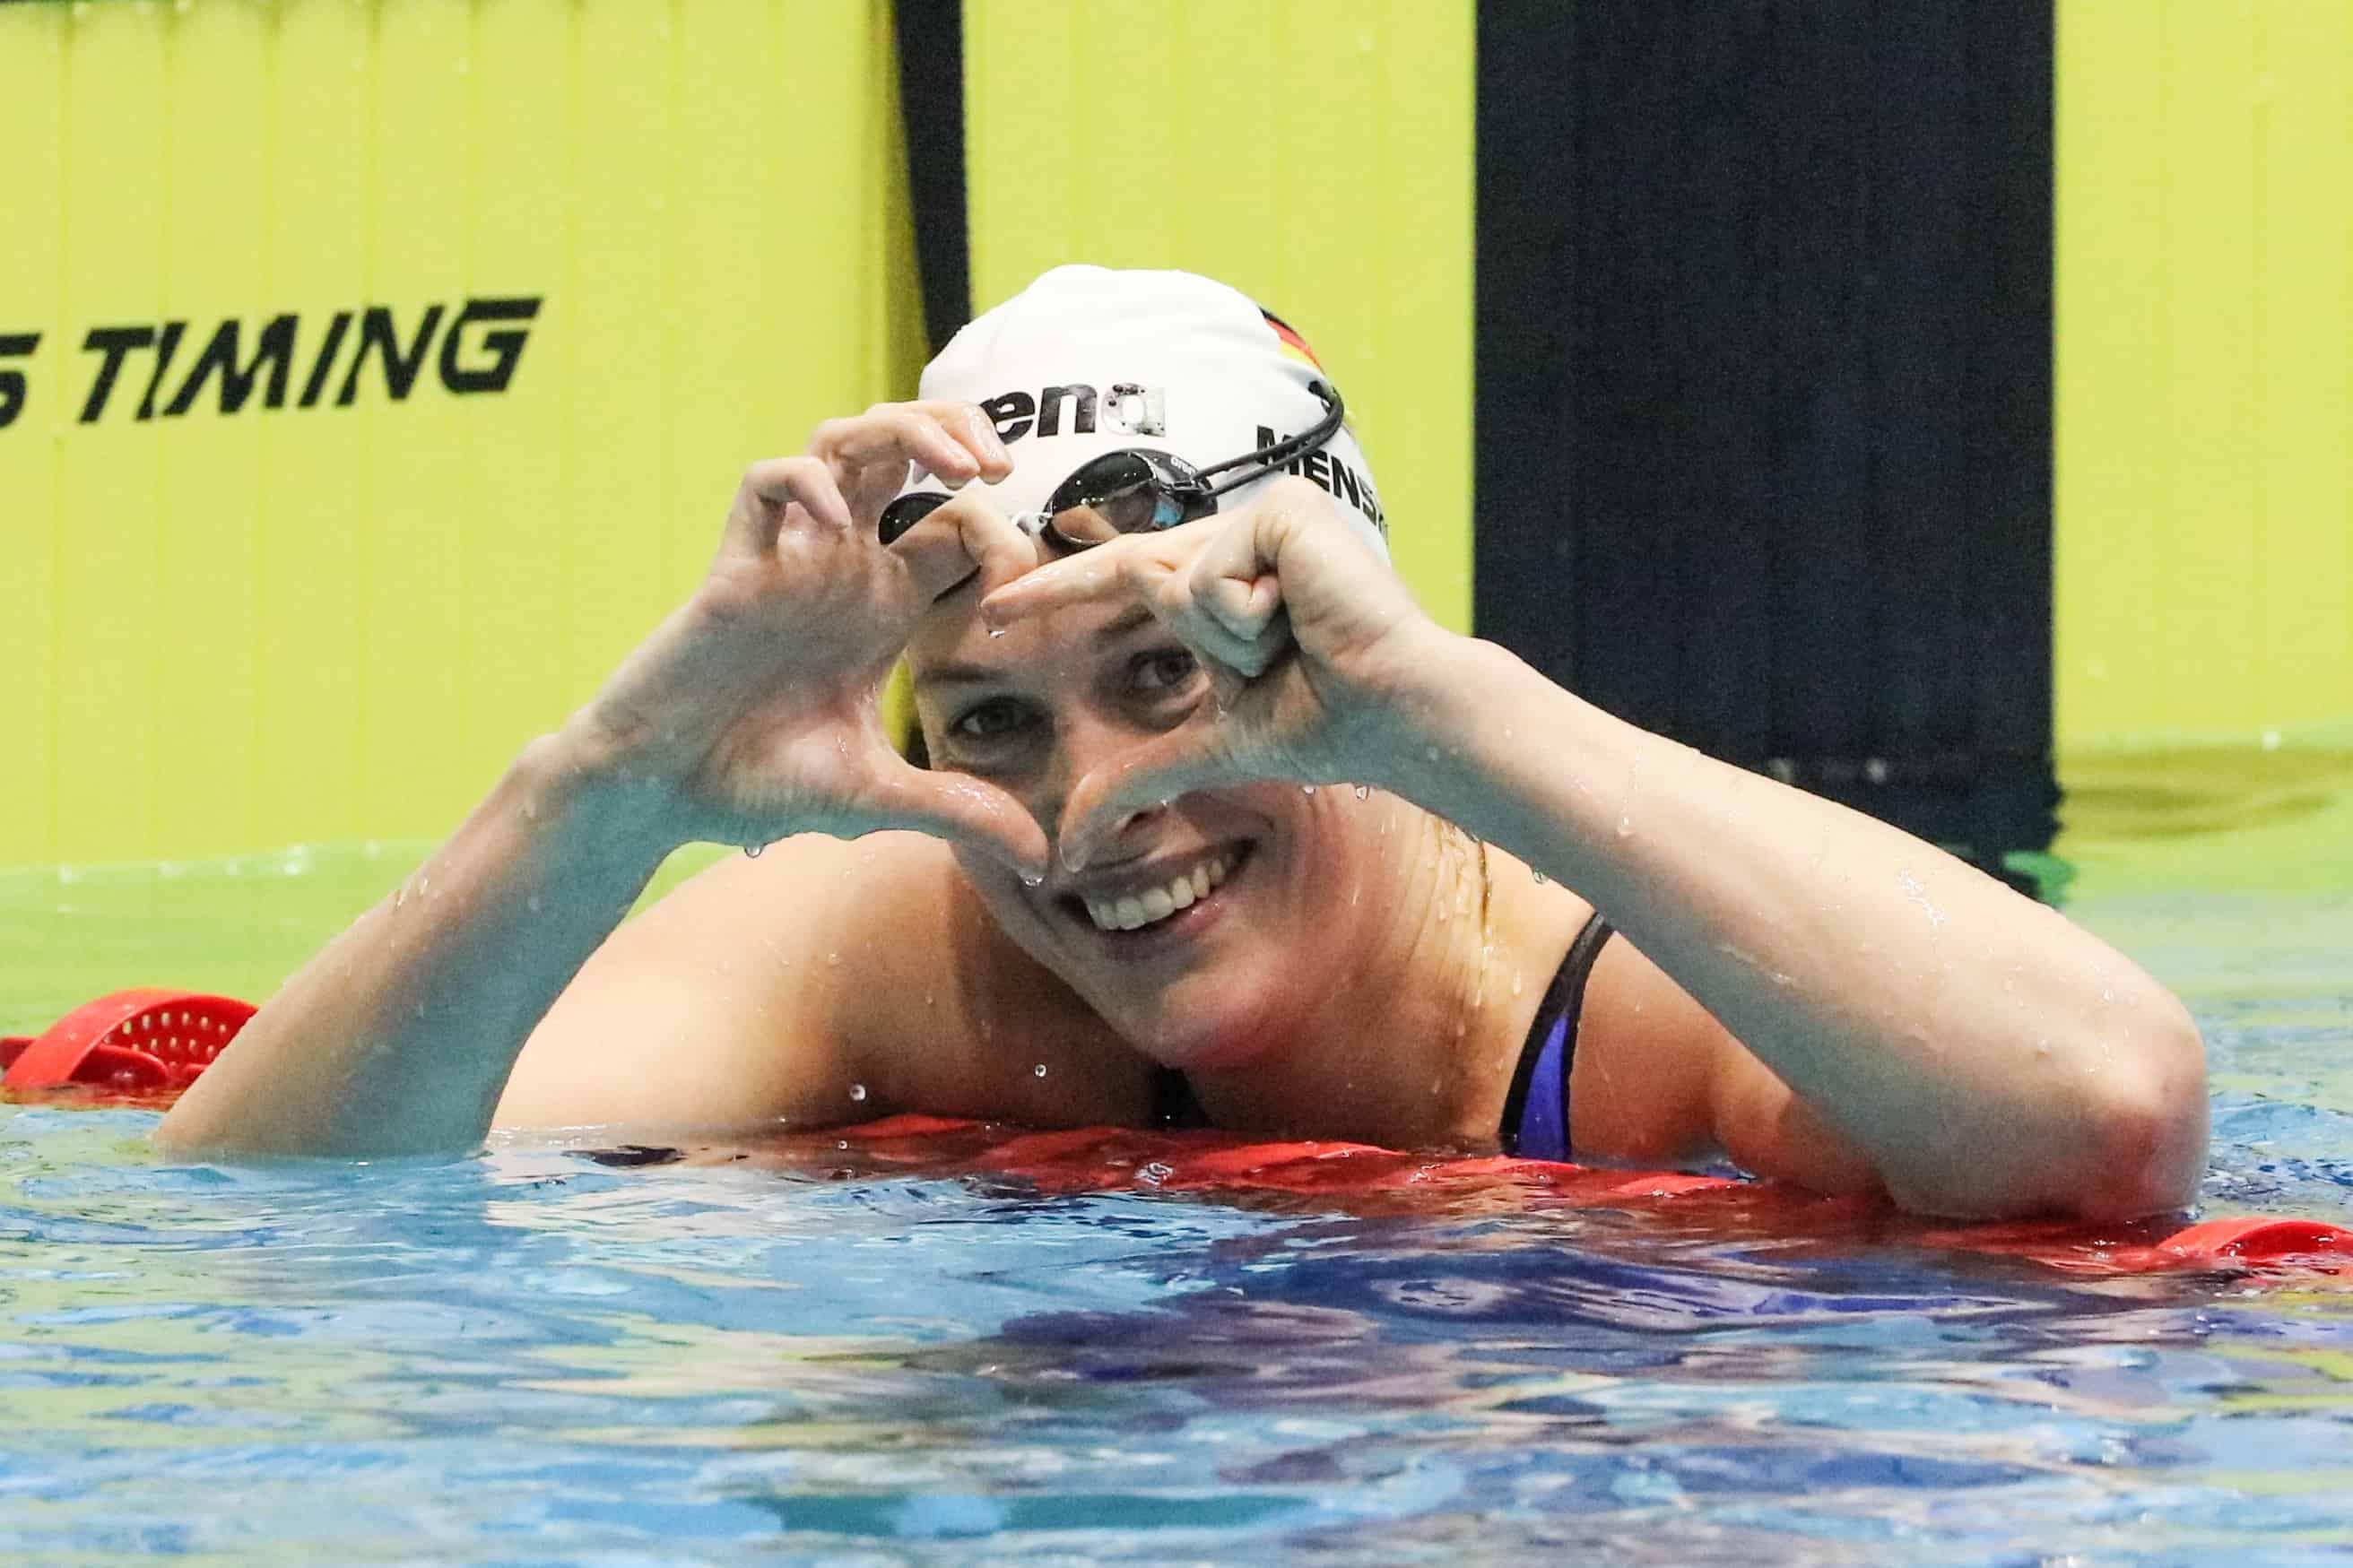 Deutsche Meisterschaft Schwimmen in Berlin - 15